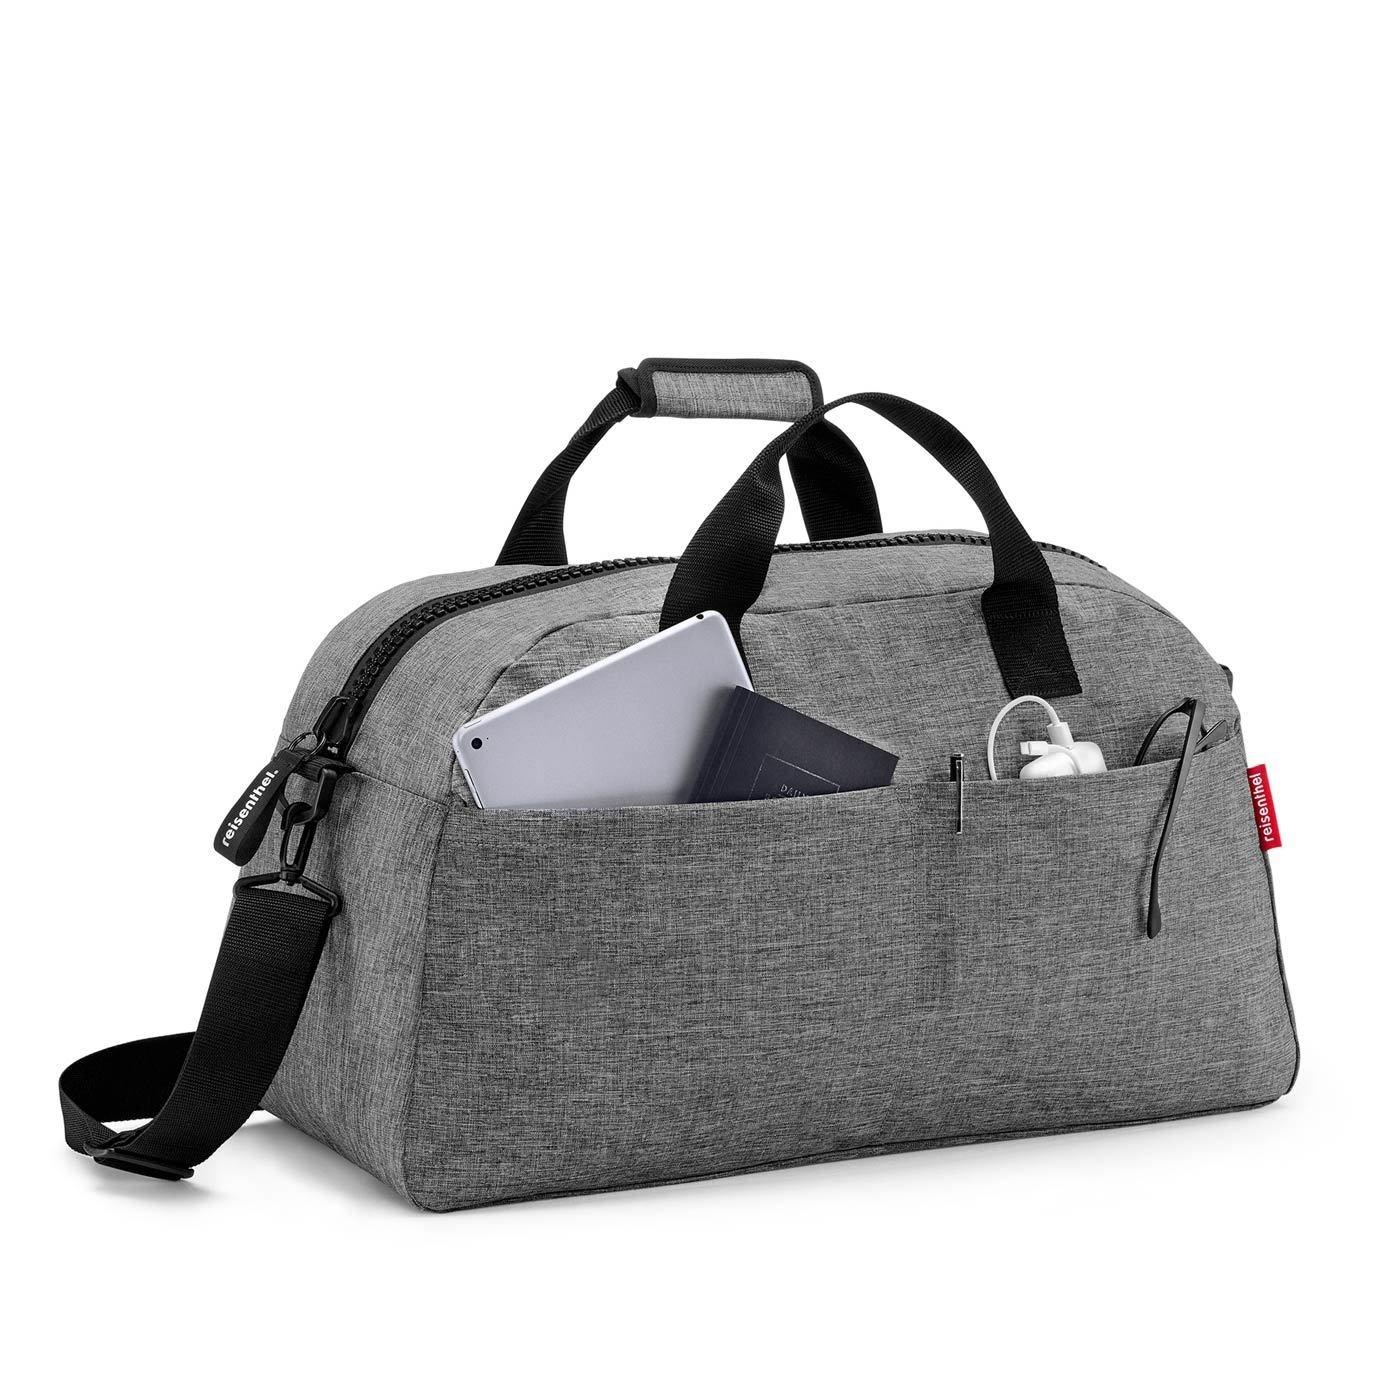 Cestovní taška Overnighter twist silver_1